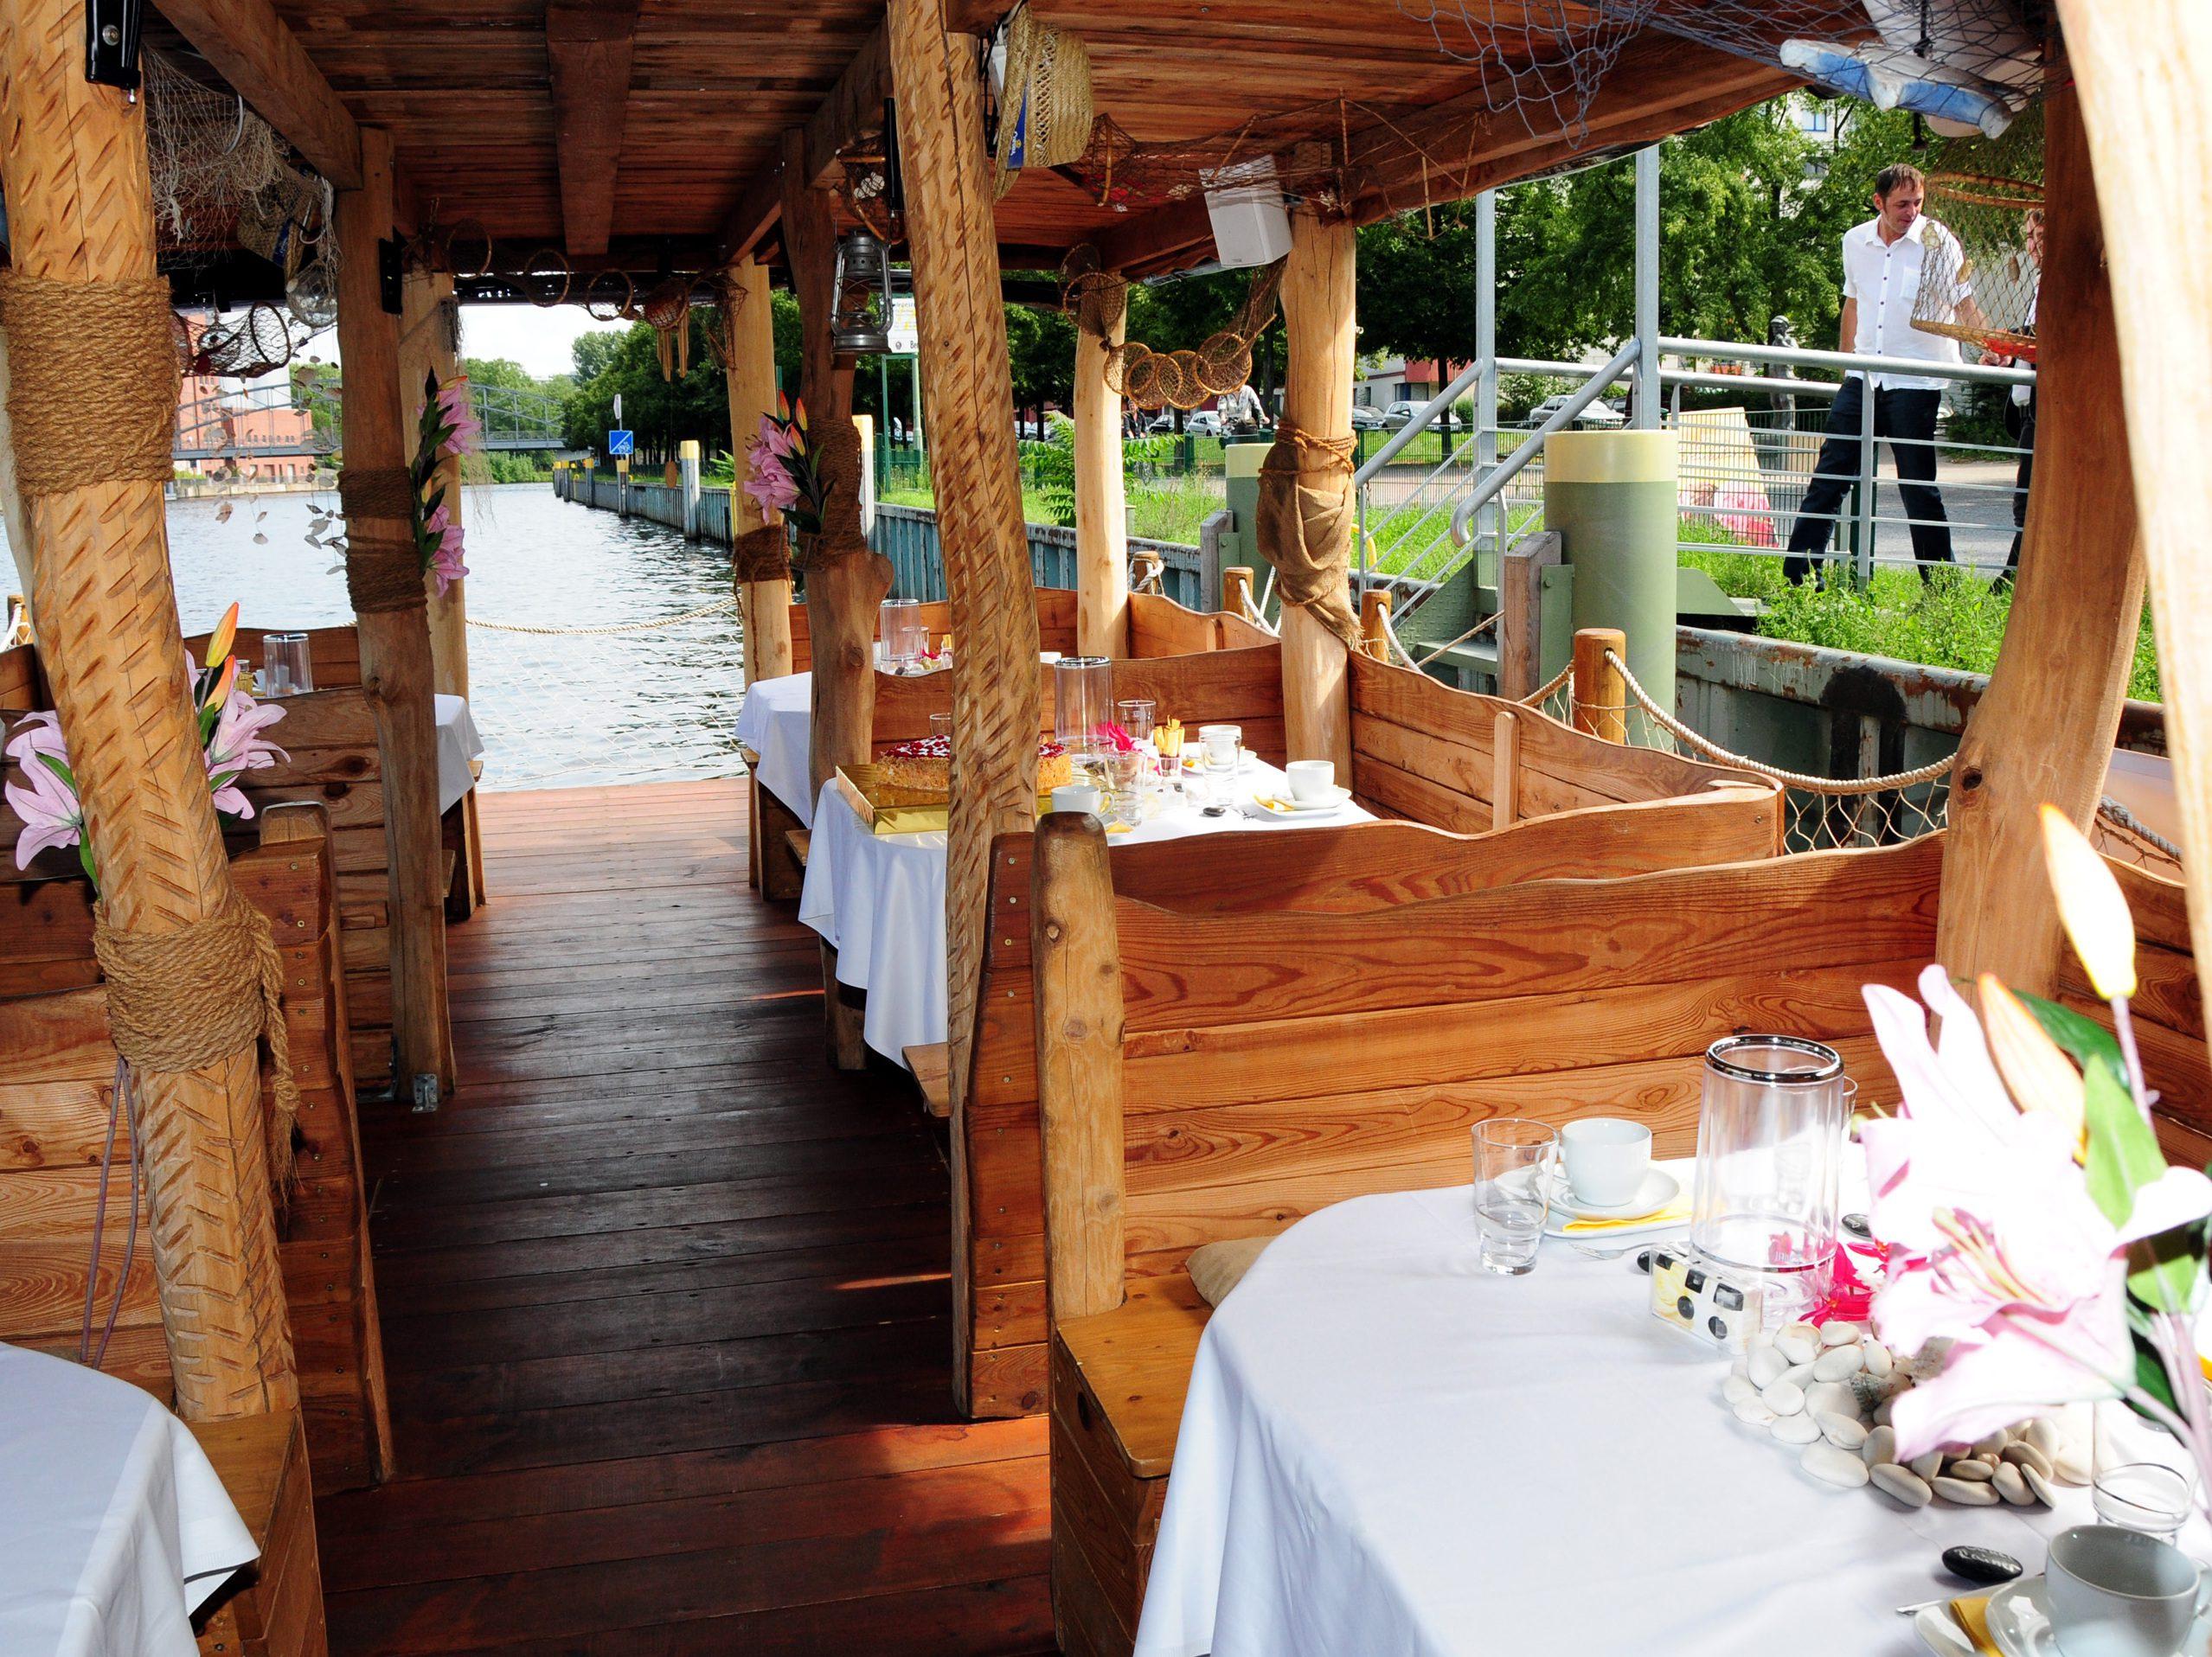 Das Hochzeitsfloß ist 75 Quadratmeter groß und bietet zusätzlich ein rund 56 Quadratmeter großes begehbares Sonnendeck.